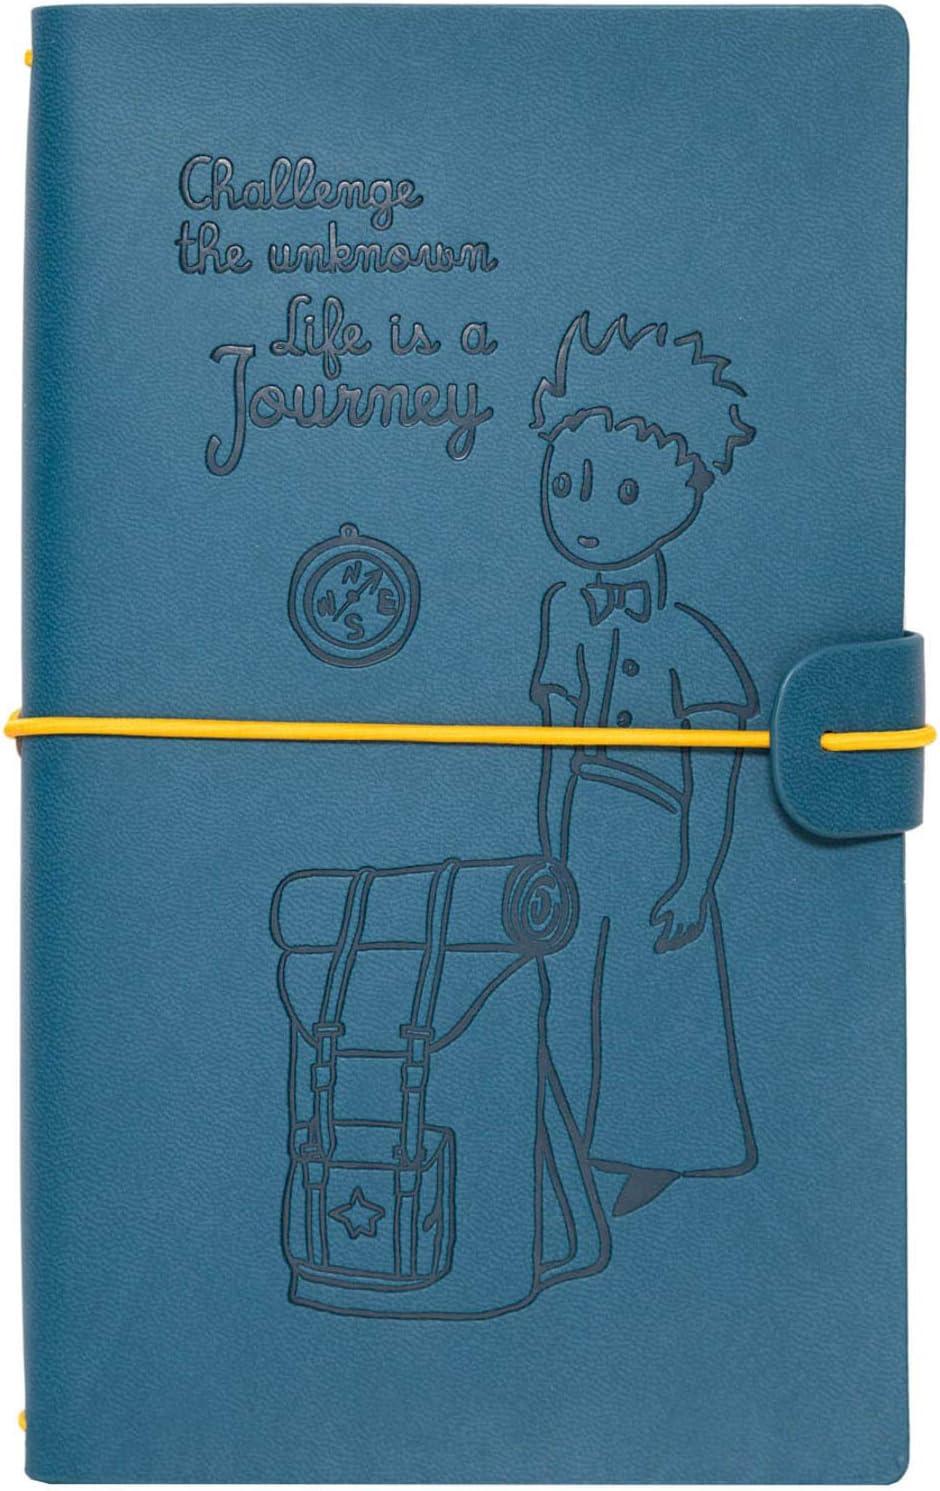 Grupo Erik - Cuaderno de viaje, Cuaderno de notas de cuero El Principito, 12x19,6x1,7 cm (CTBV002)